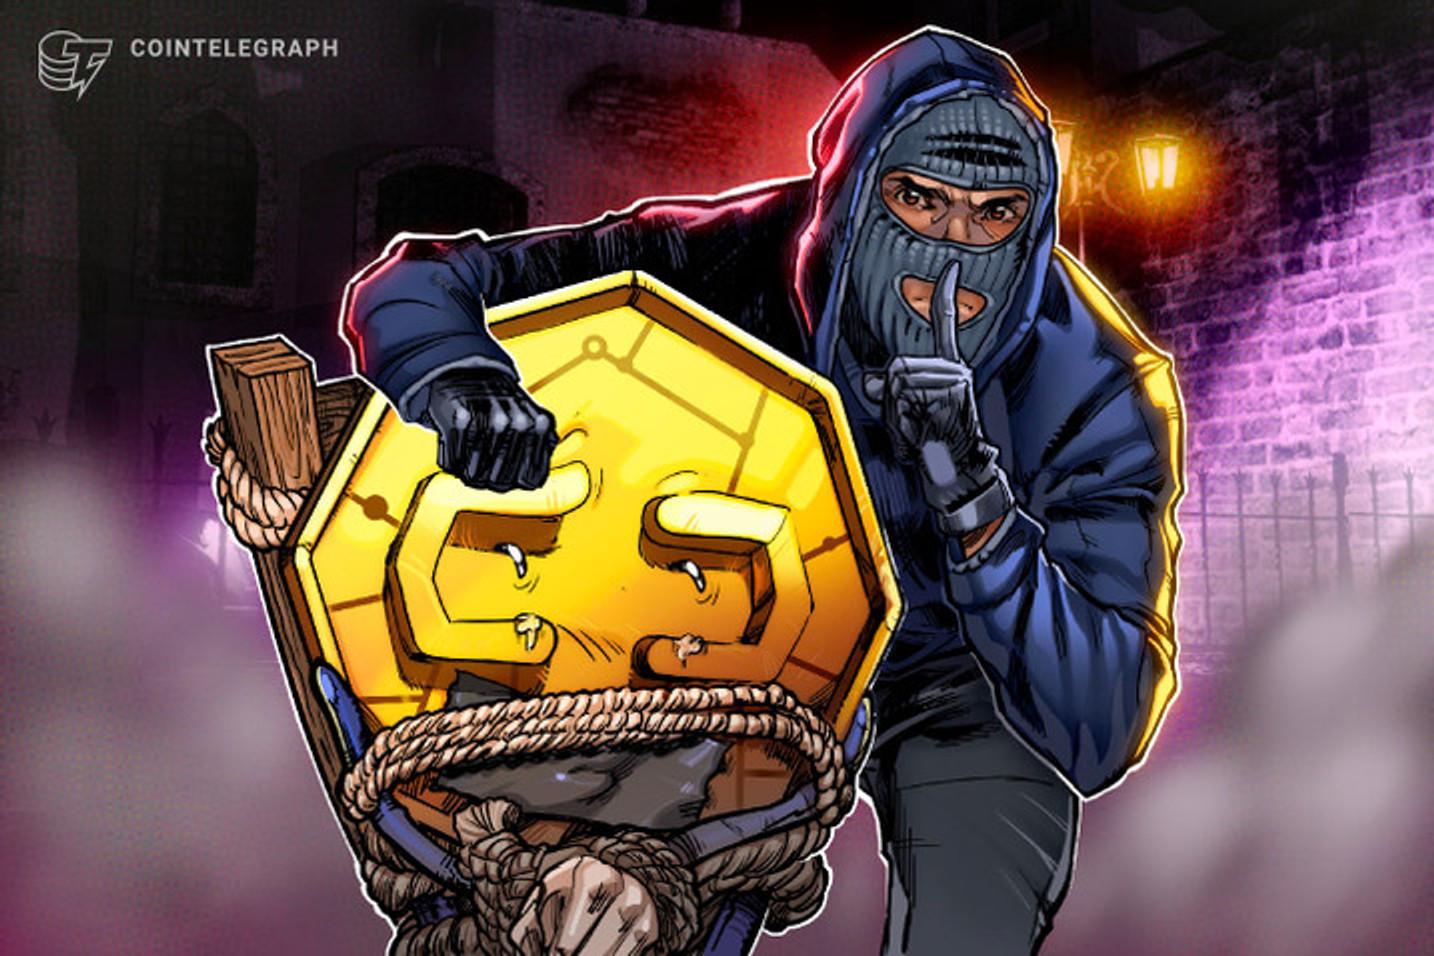 'Milionário do Bitcoin' é alvo de buscas nos Estados Unidos acusado de sequestrar e drogar a própria filha